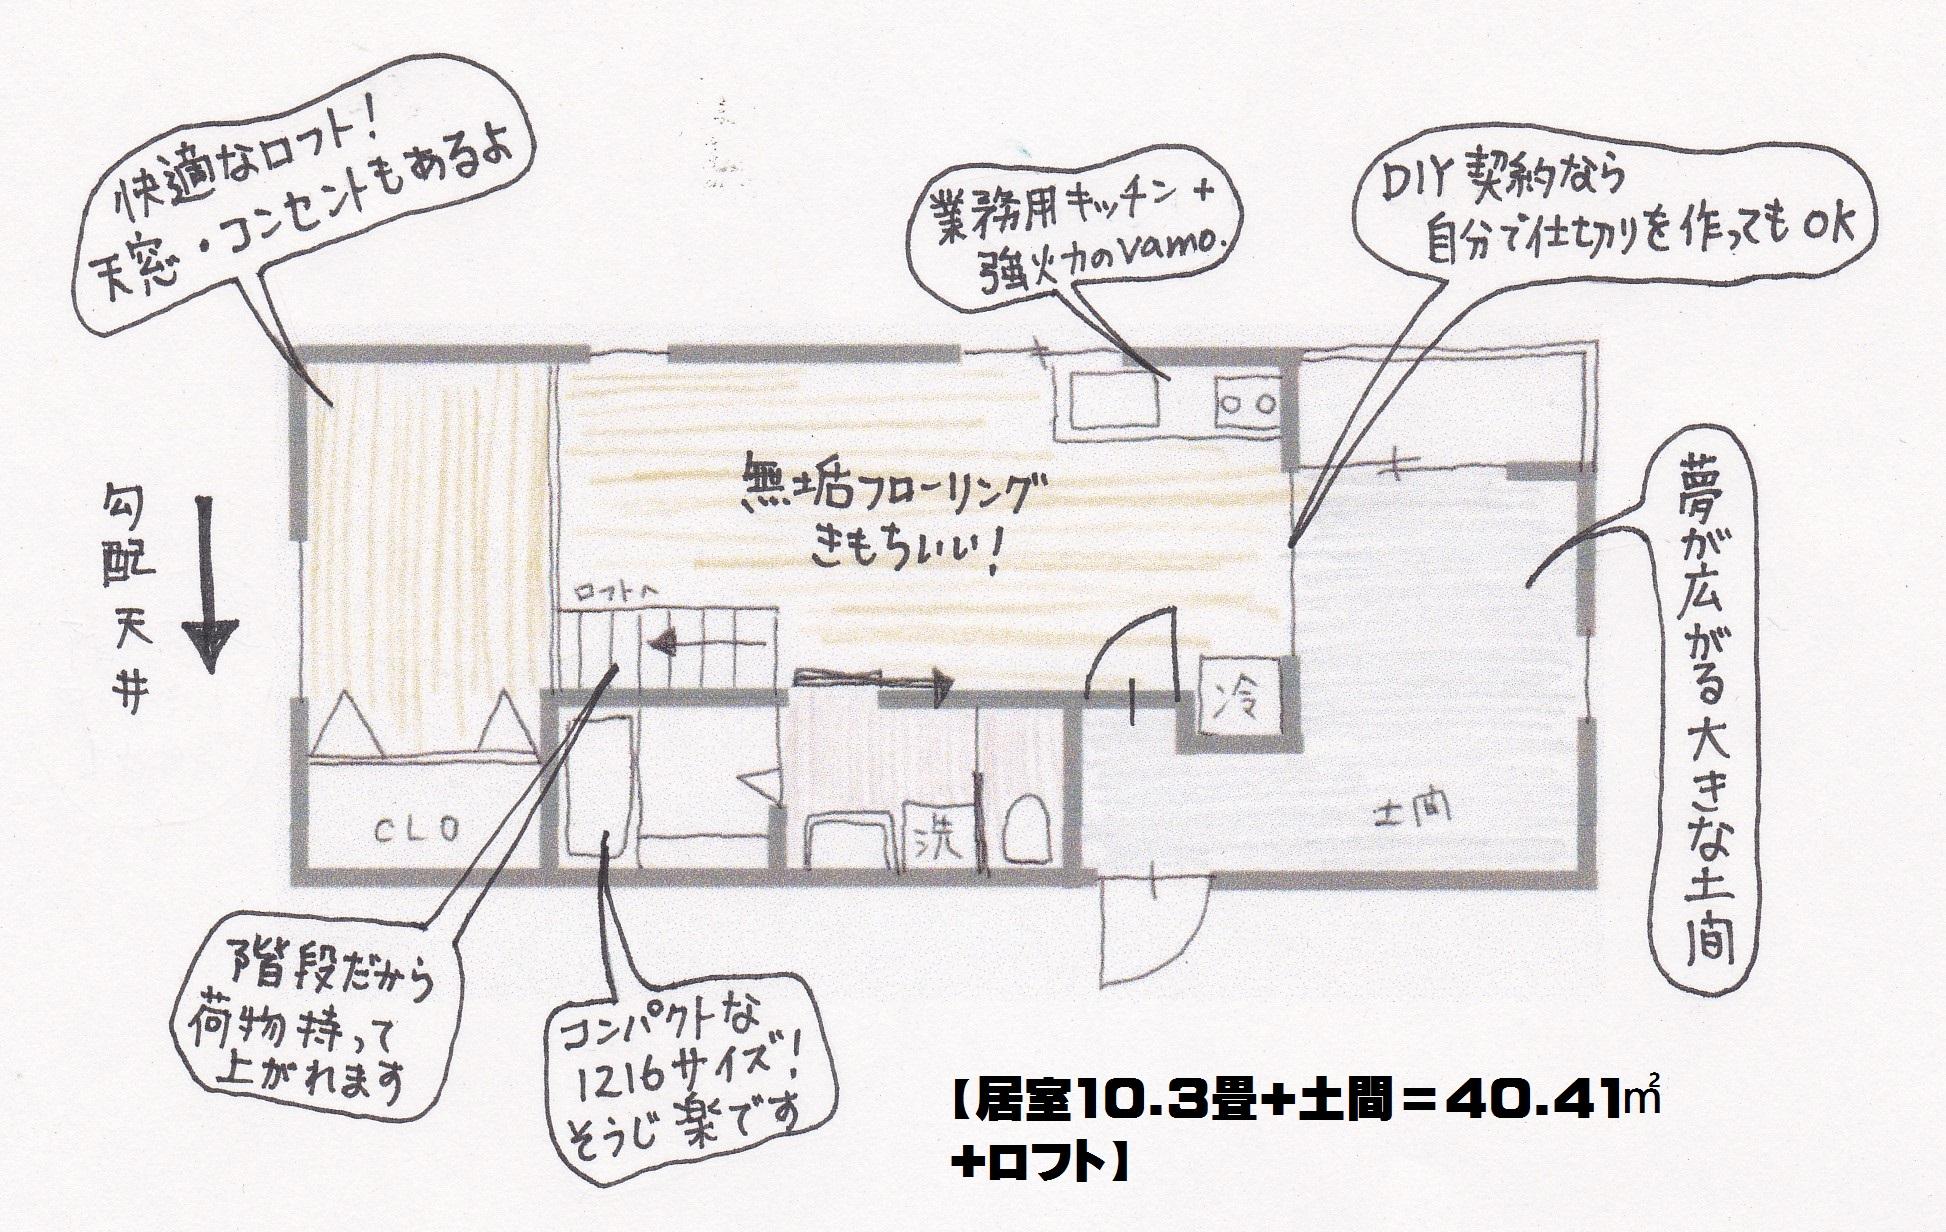 コウノミBASE_301A_間取り図